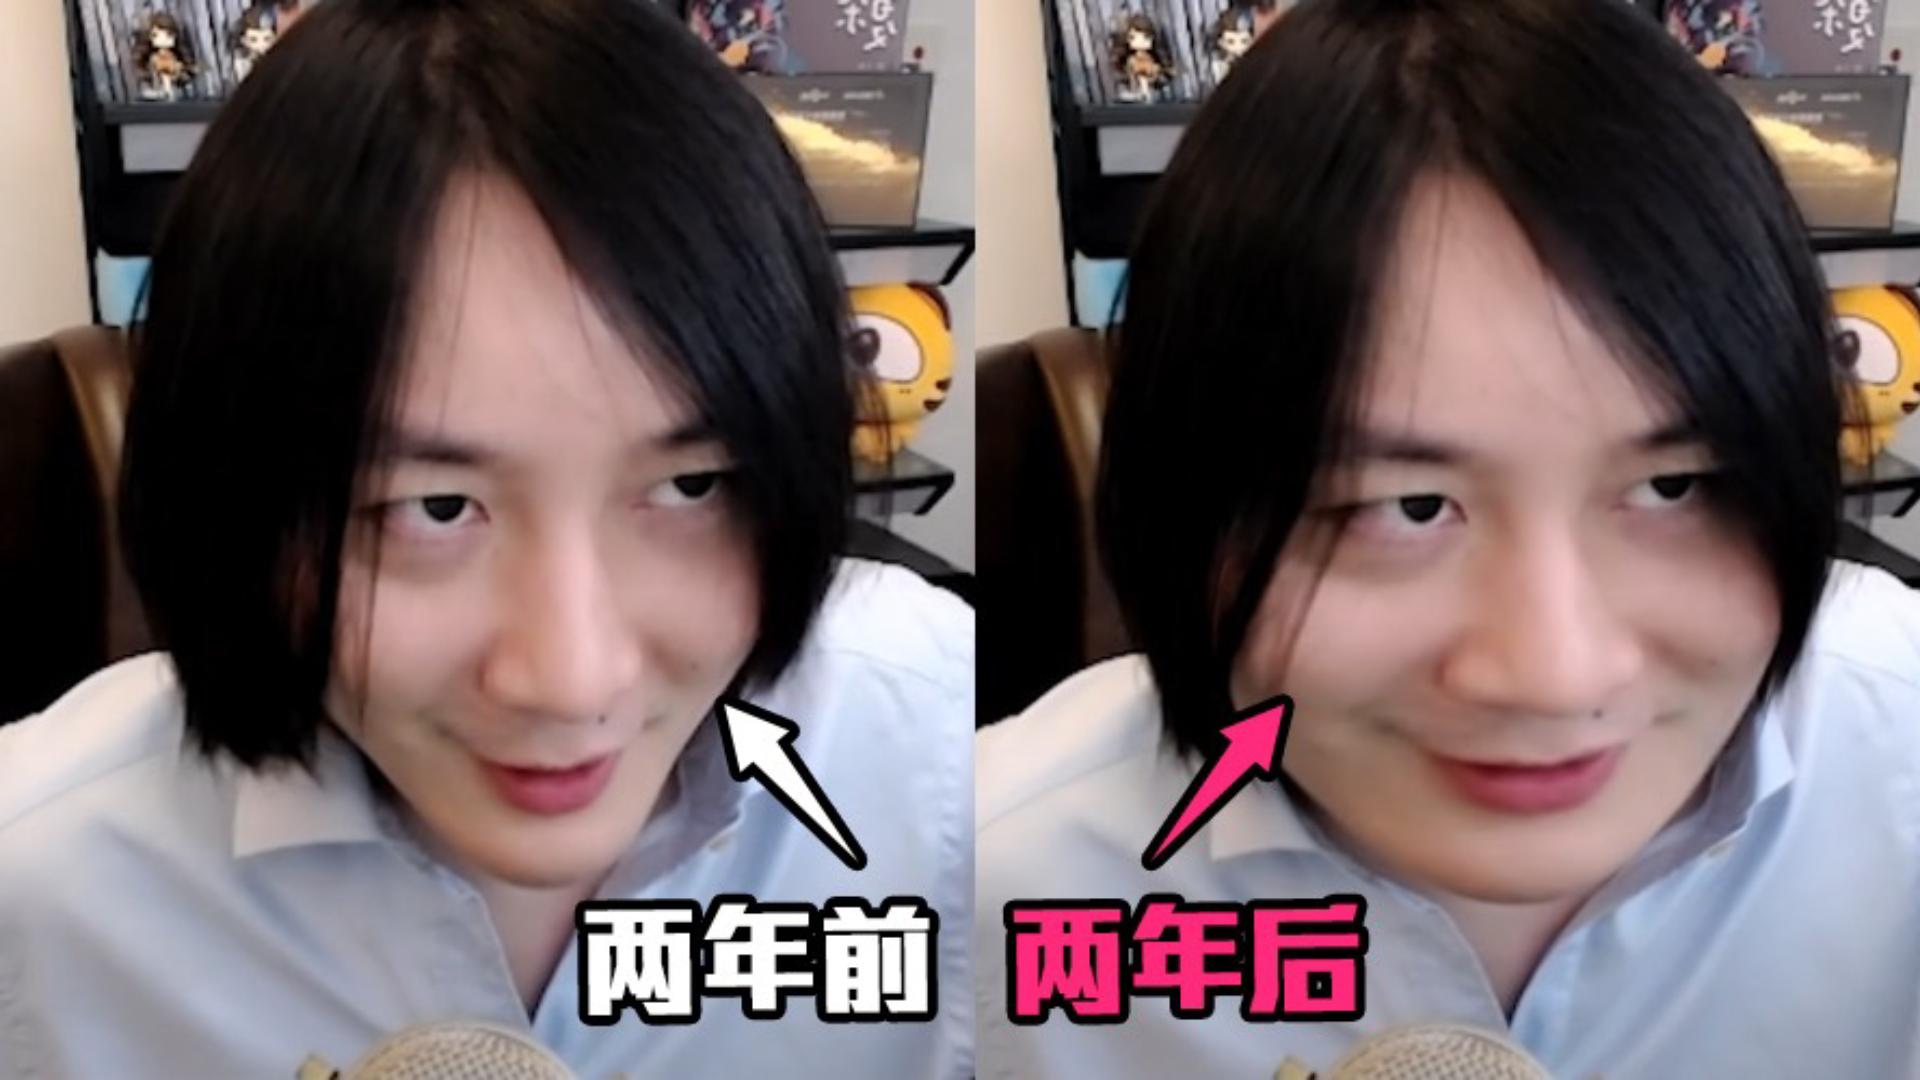 张大仙:这两年我确实膨胀了!但膨胀的是我的脸和肚子...